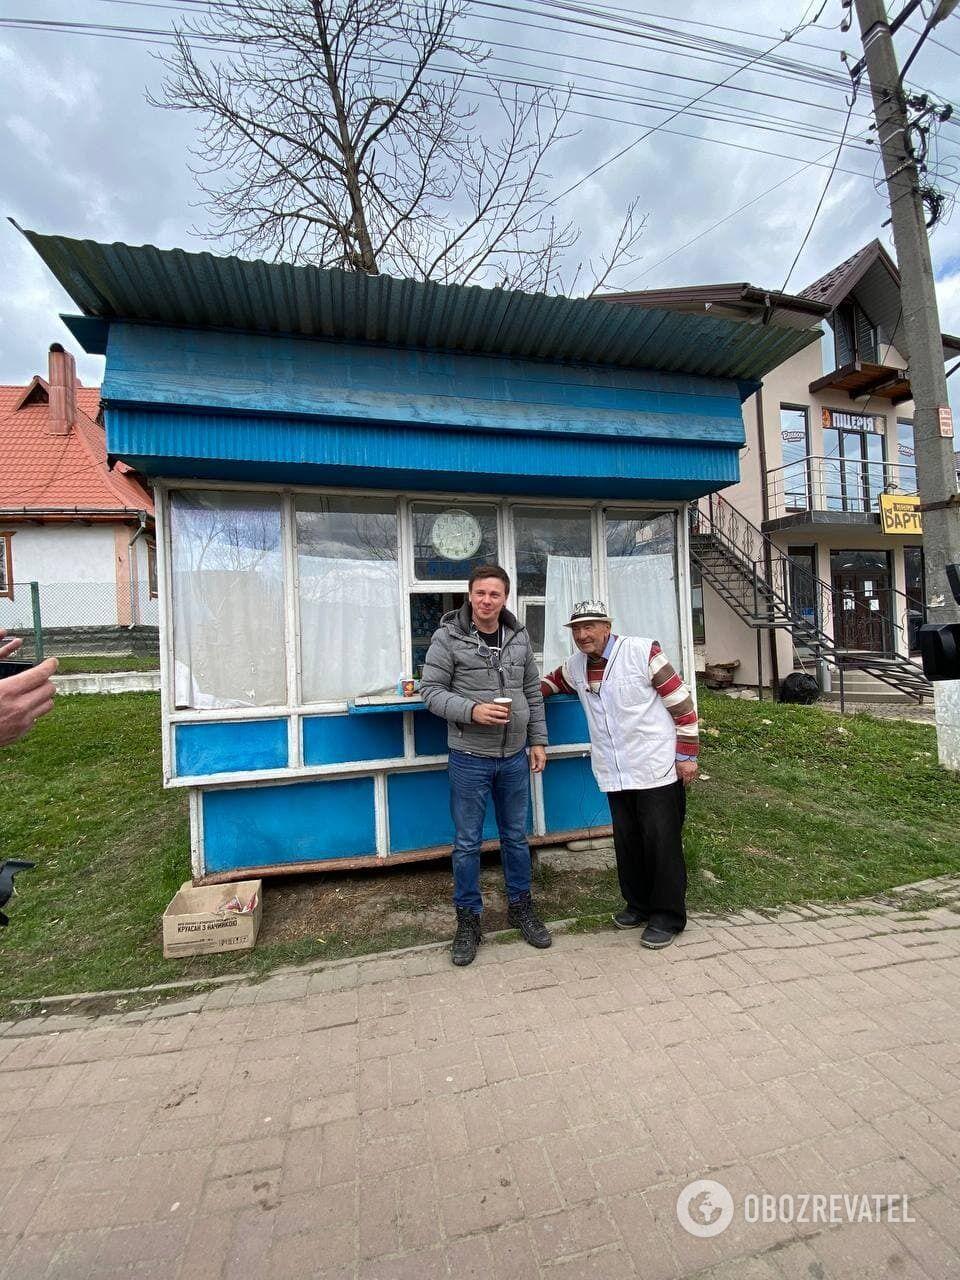 Іван Васильович продає ситро вже третьому поколінню тутешніх жителів.